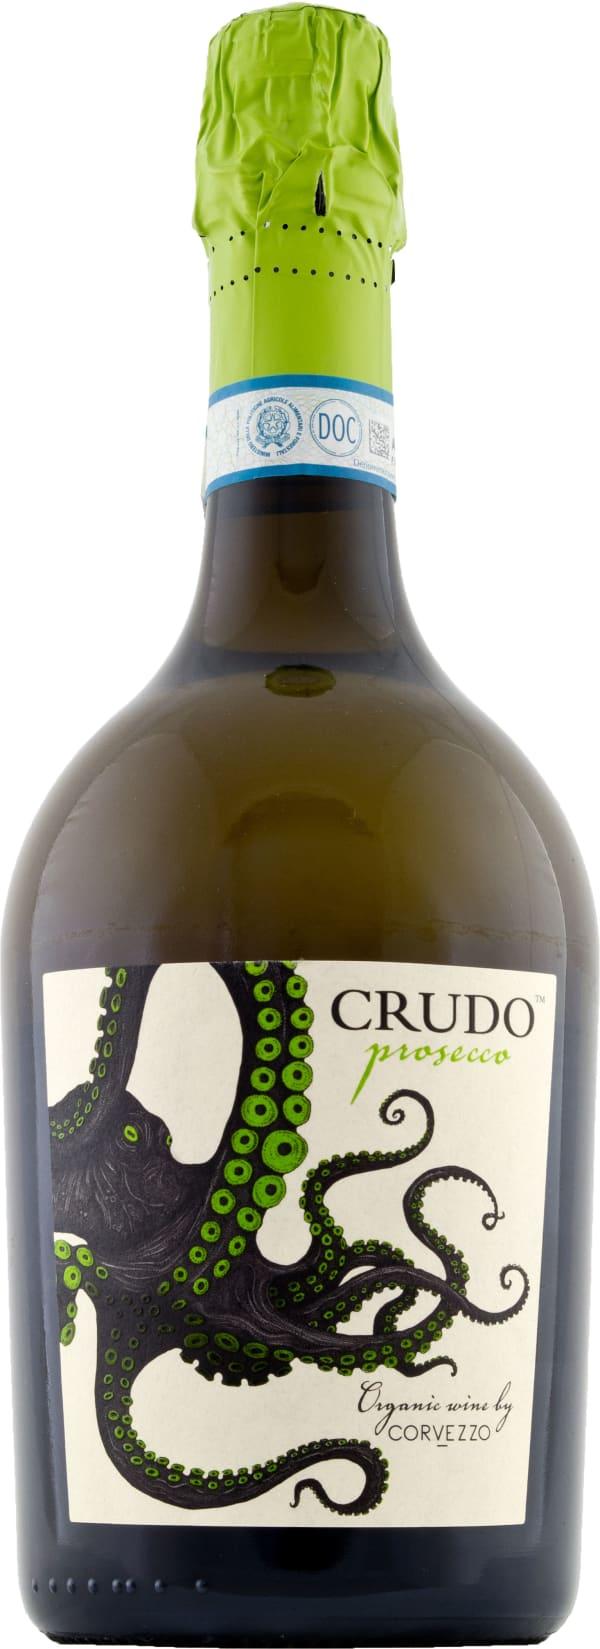 Crudo Organic Prosecco Extra Dry